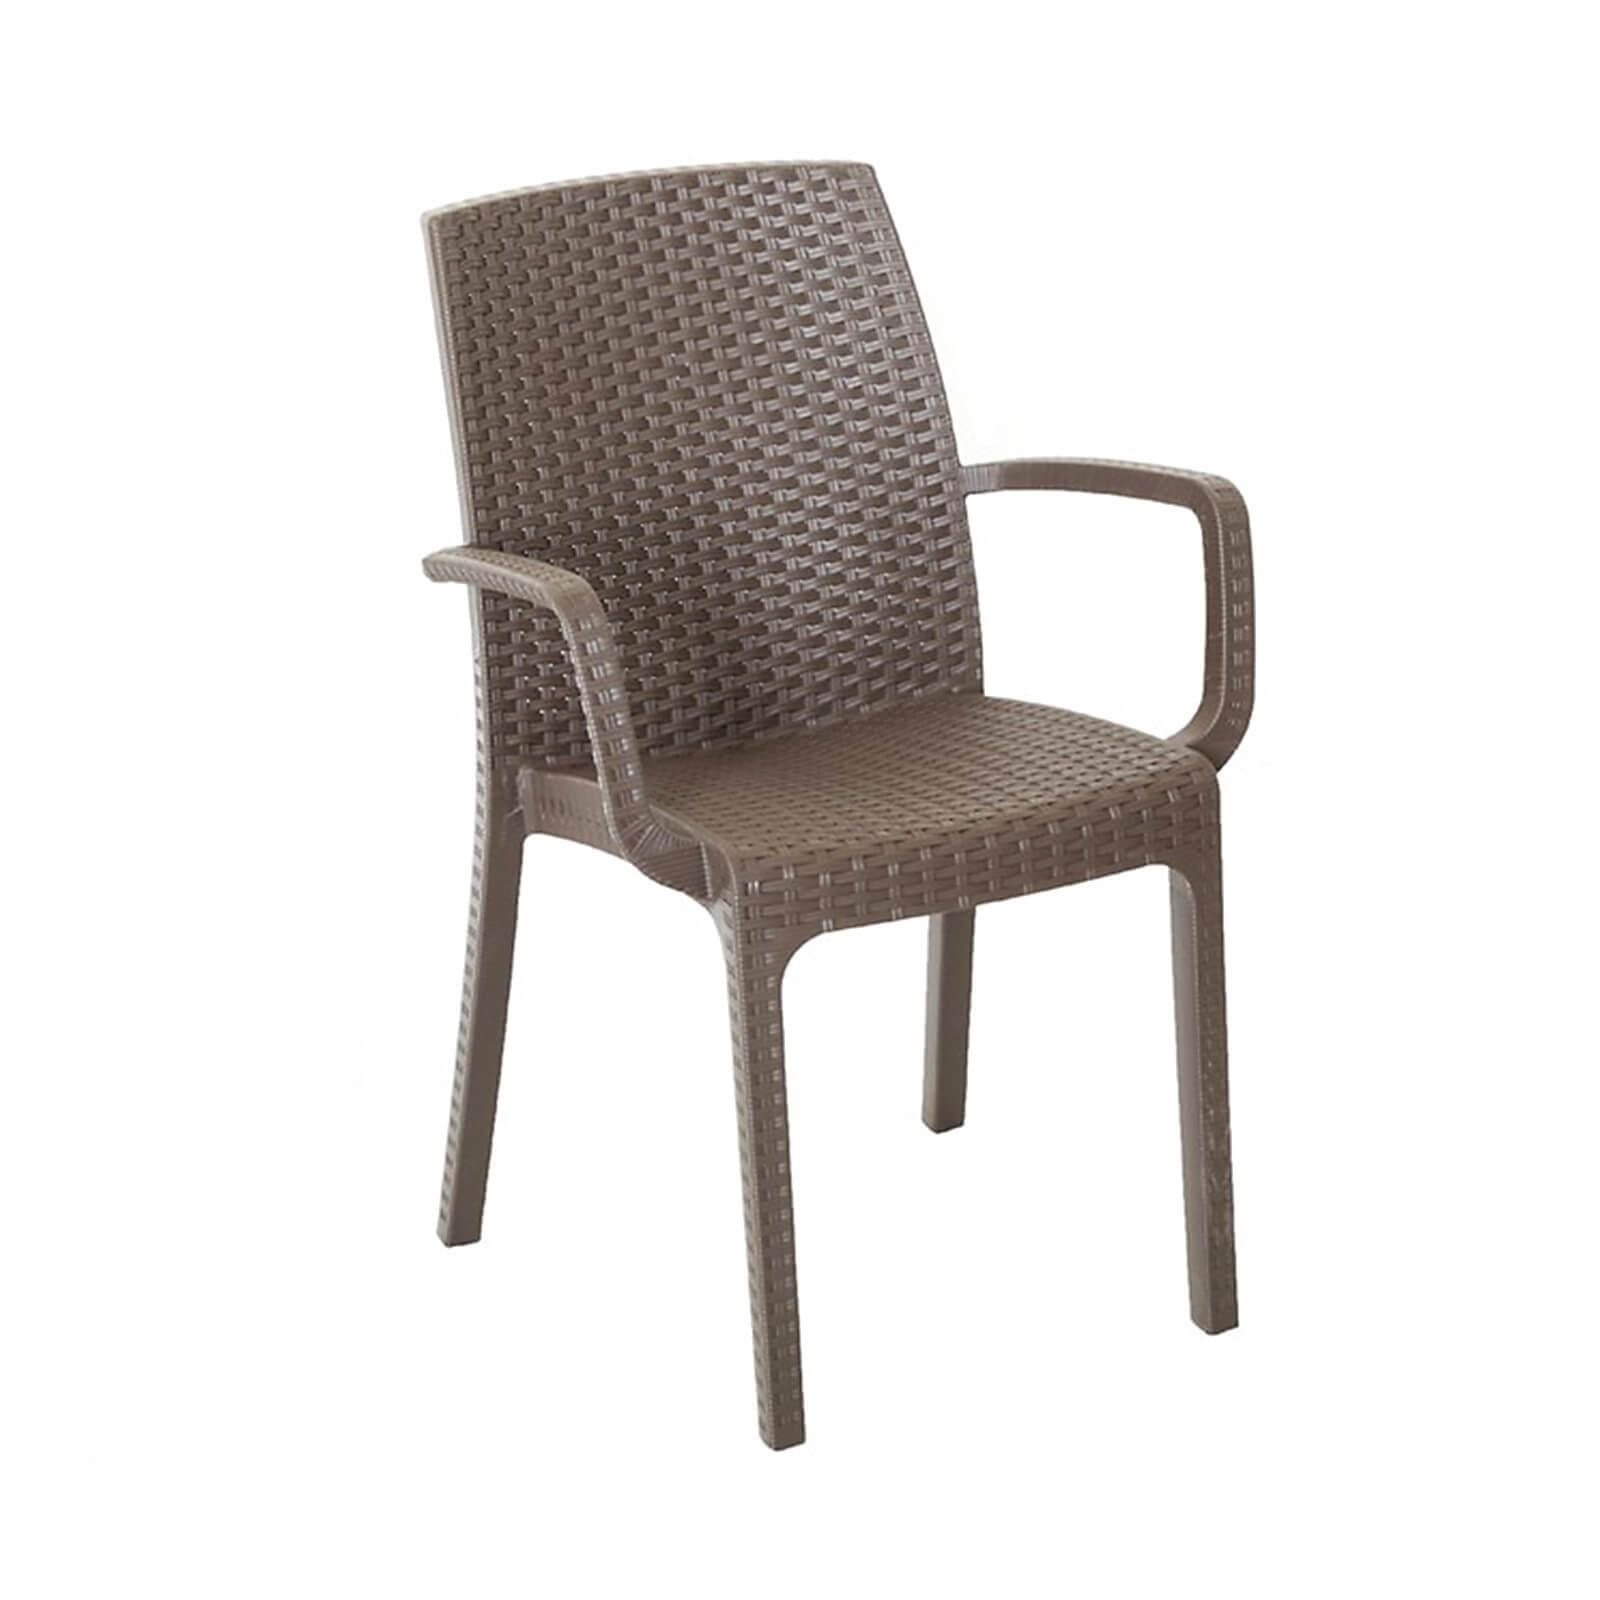 elegant sedia con braccioli impilabile effetto rattan in poliuretano per giardino with tavoli e se in rattan